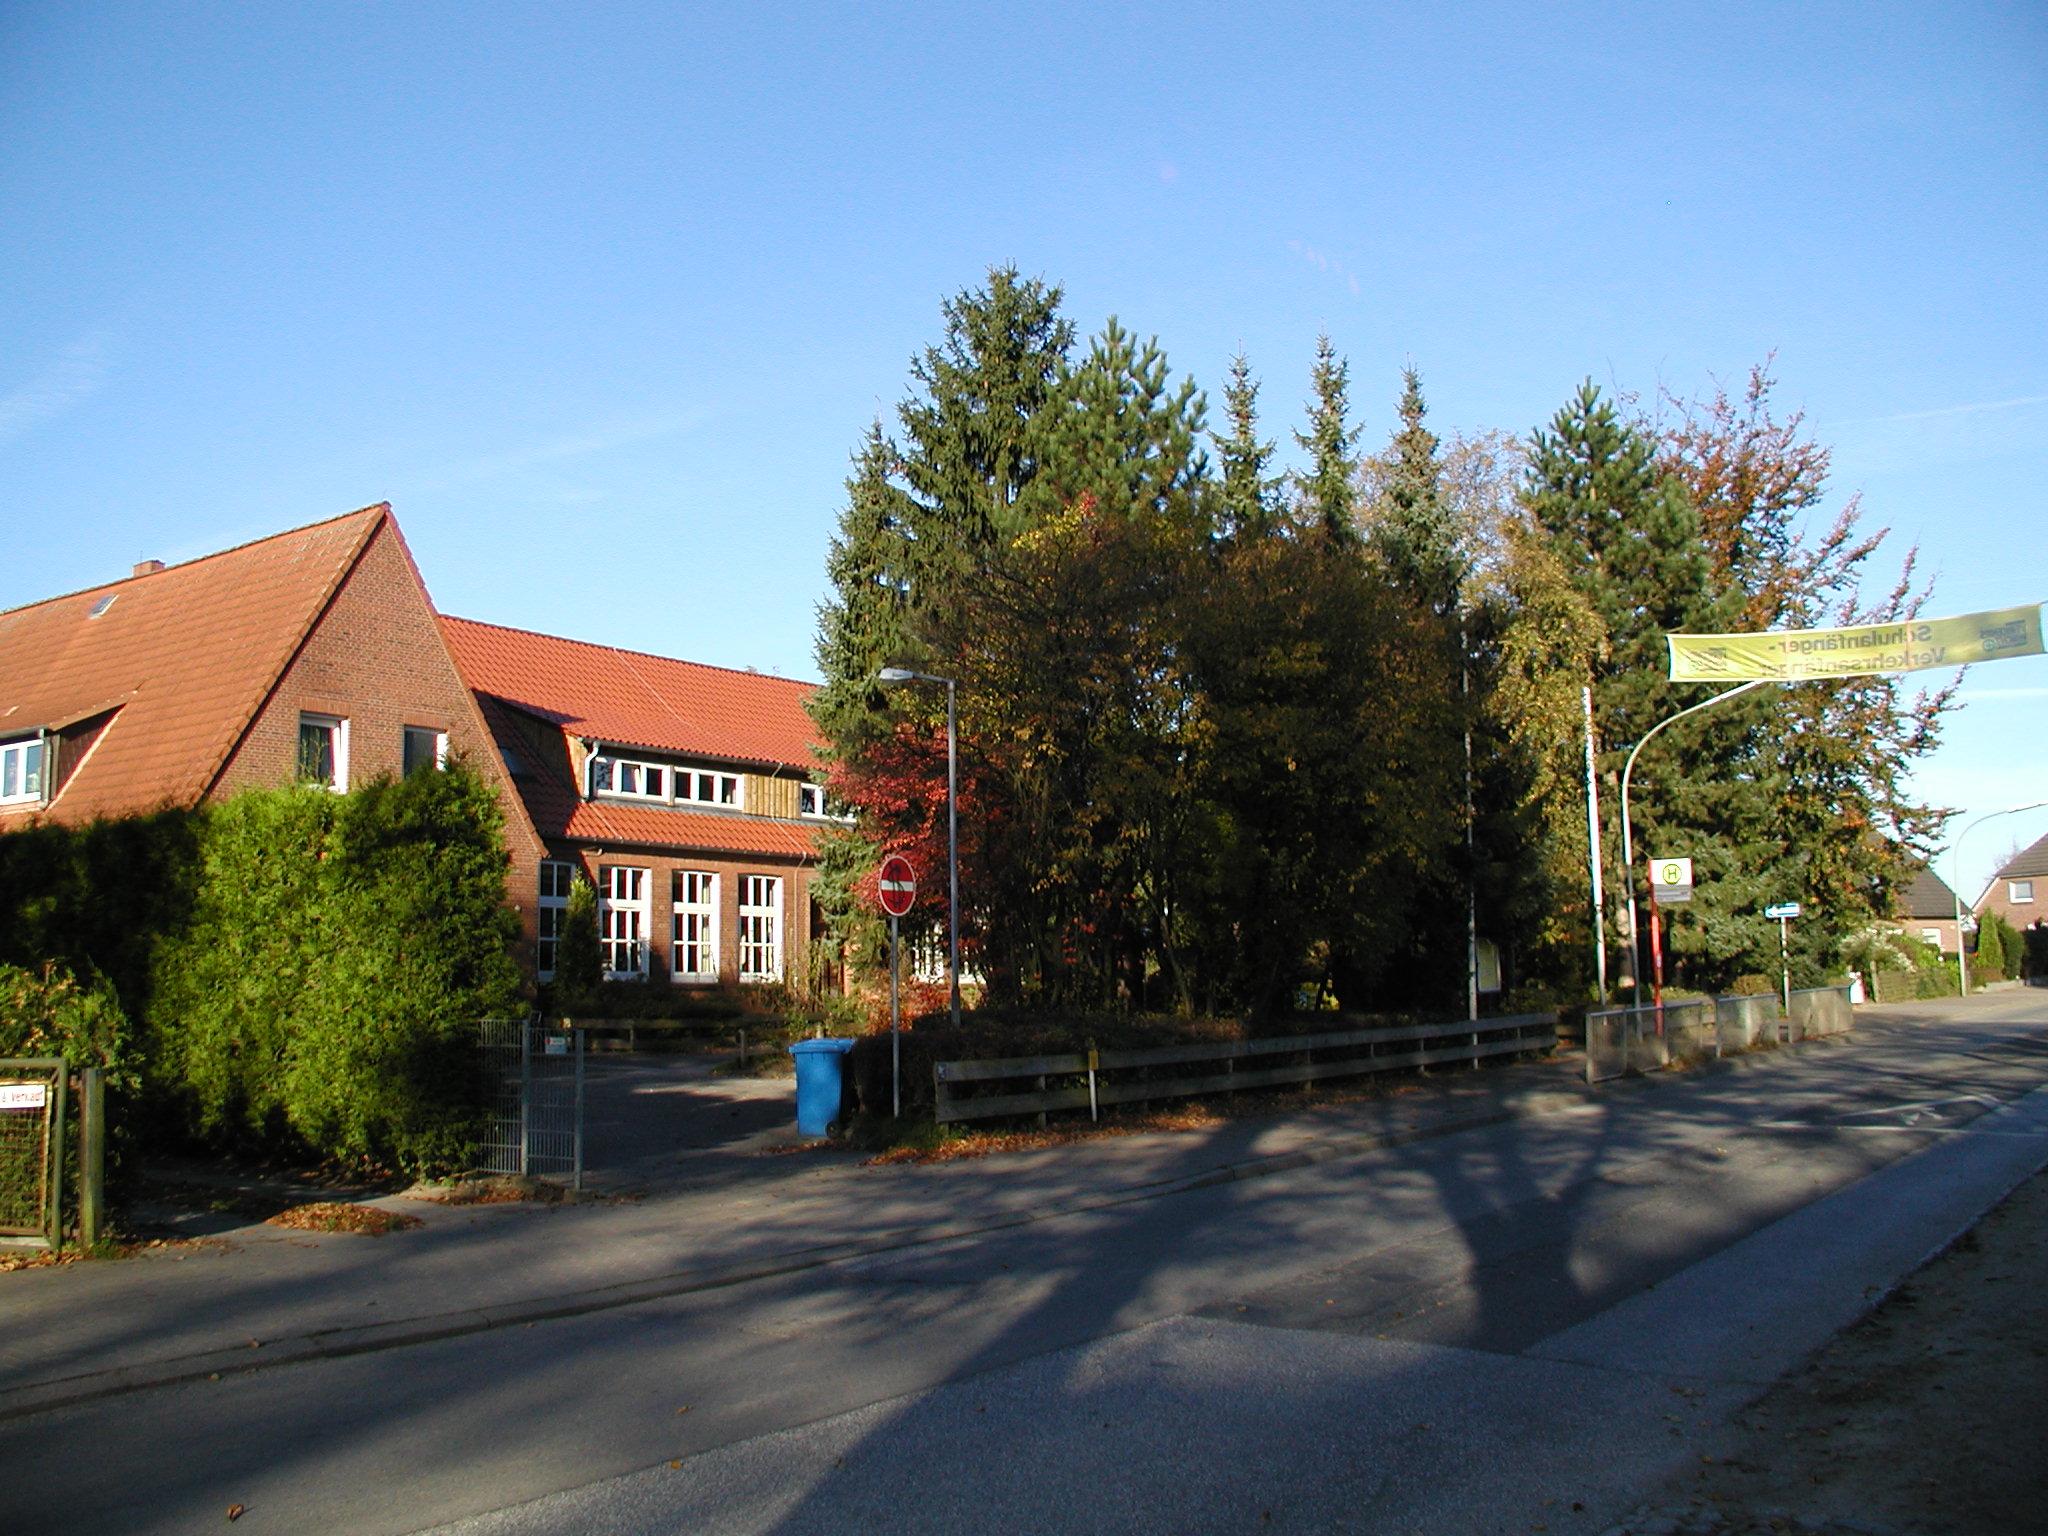 Schönningstedt